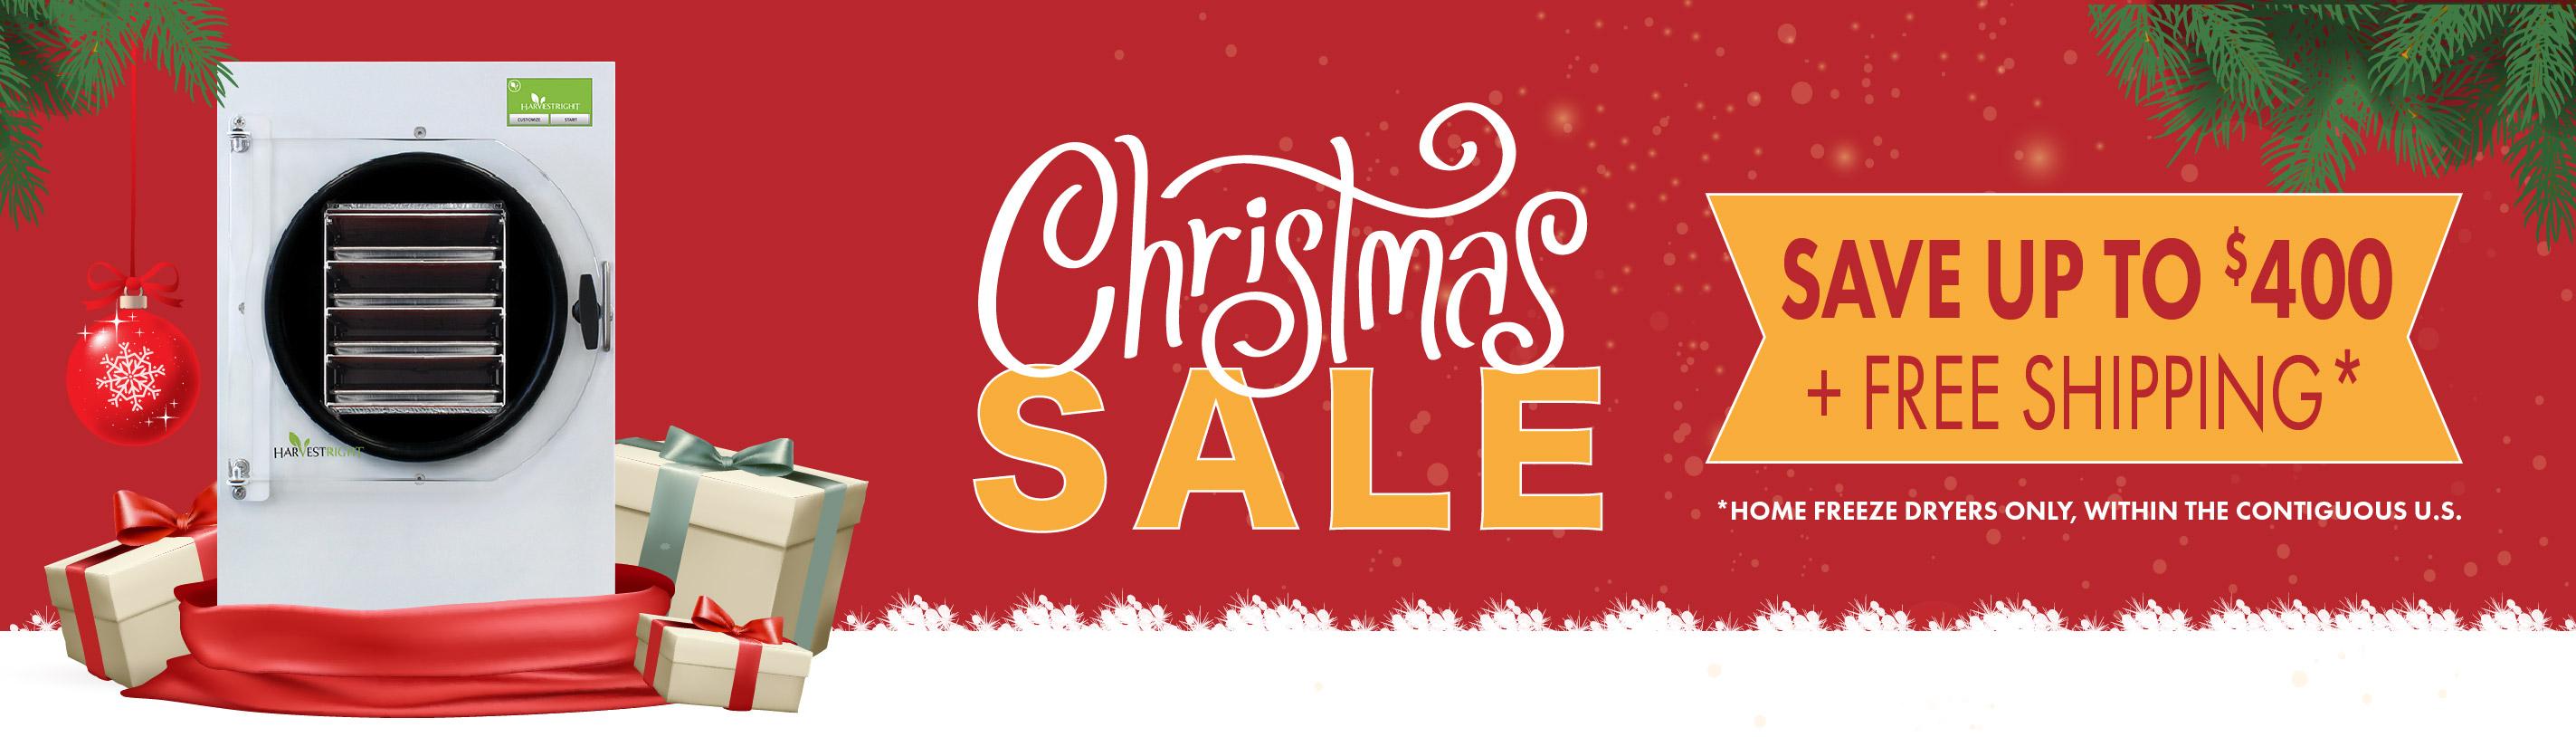 Christmas Sale - Save up to $400